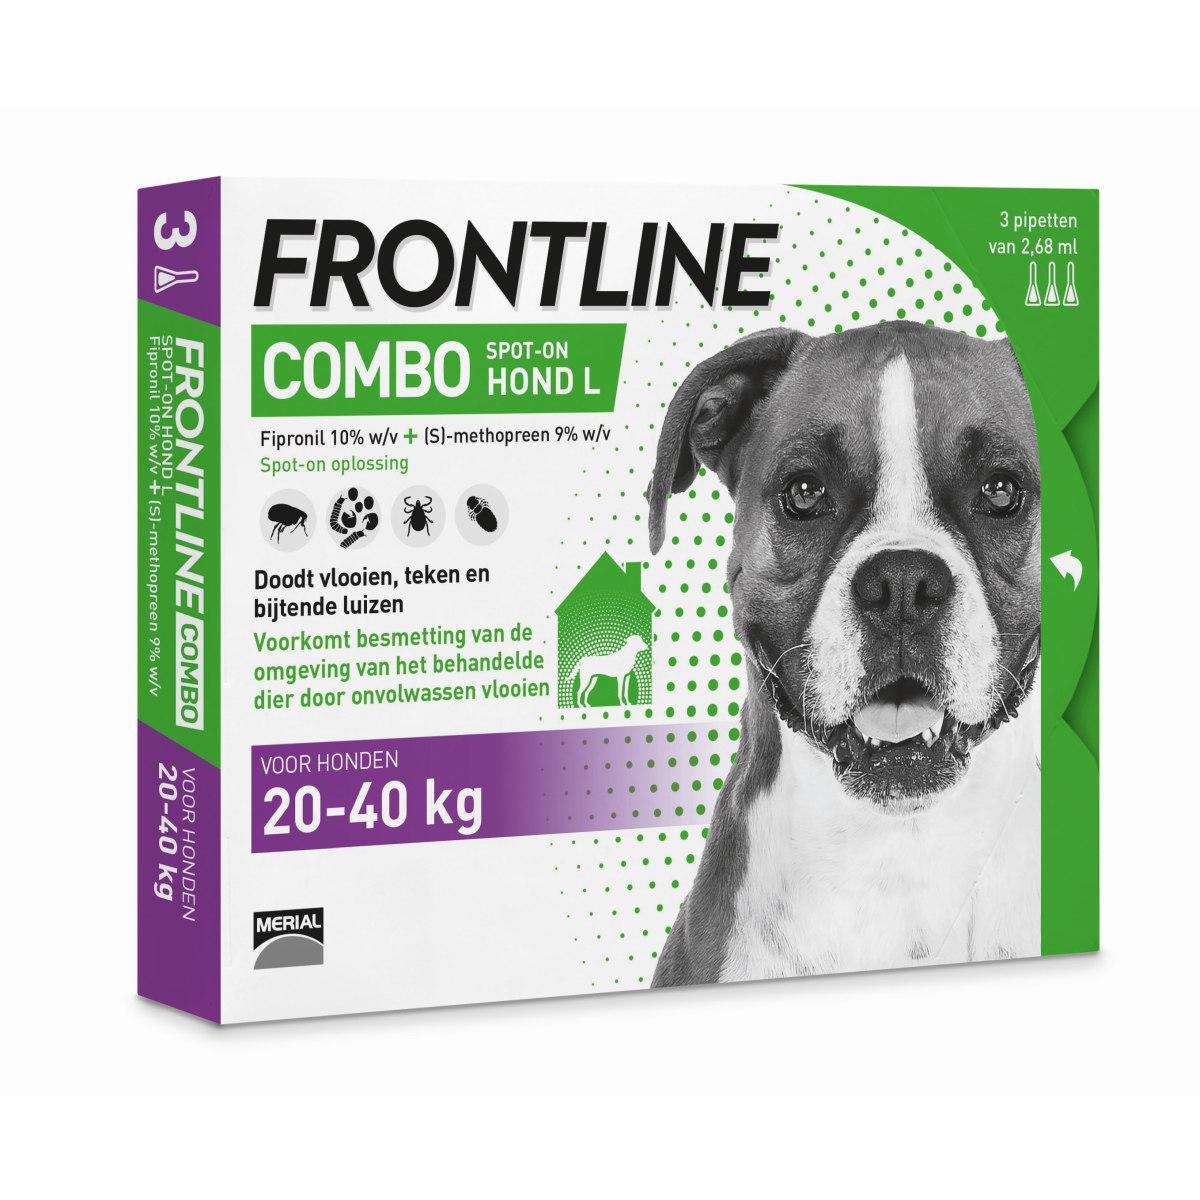 FRONTLINE COMBO HOND L 3PIP 00001